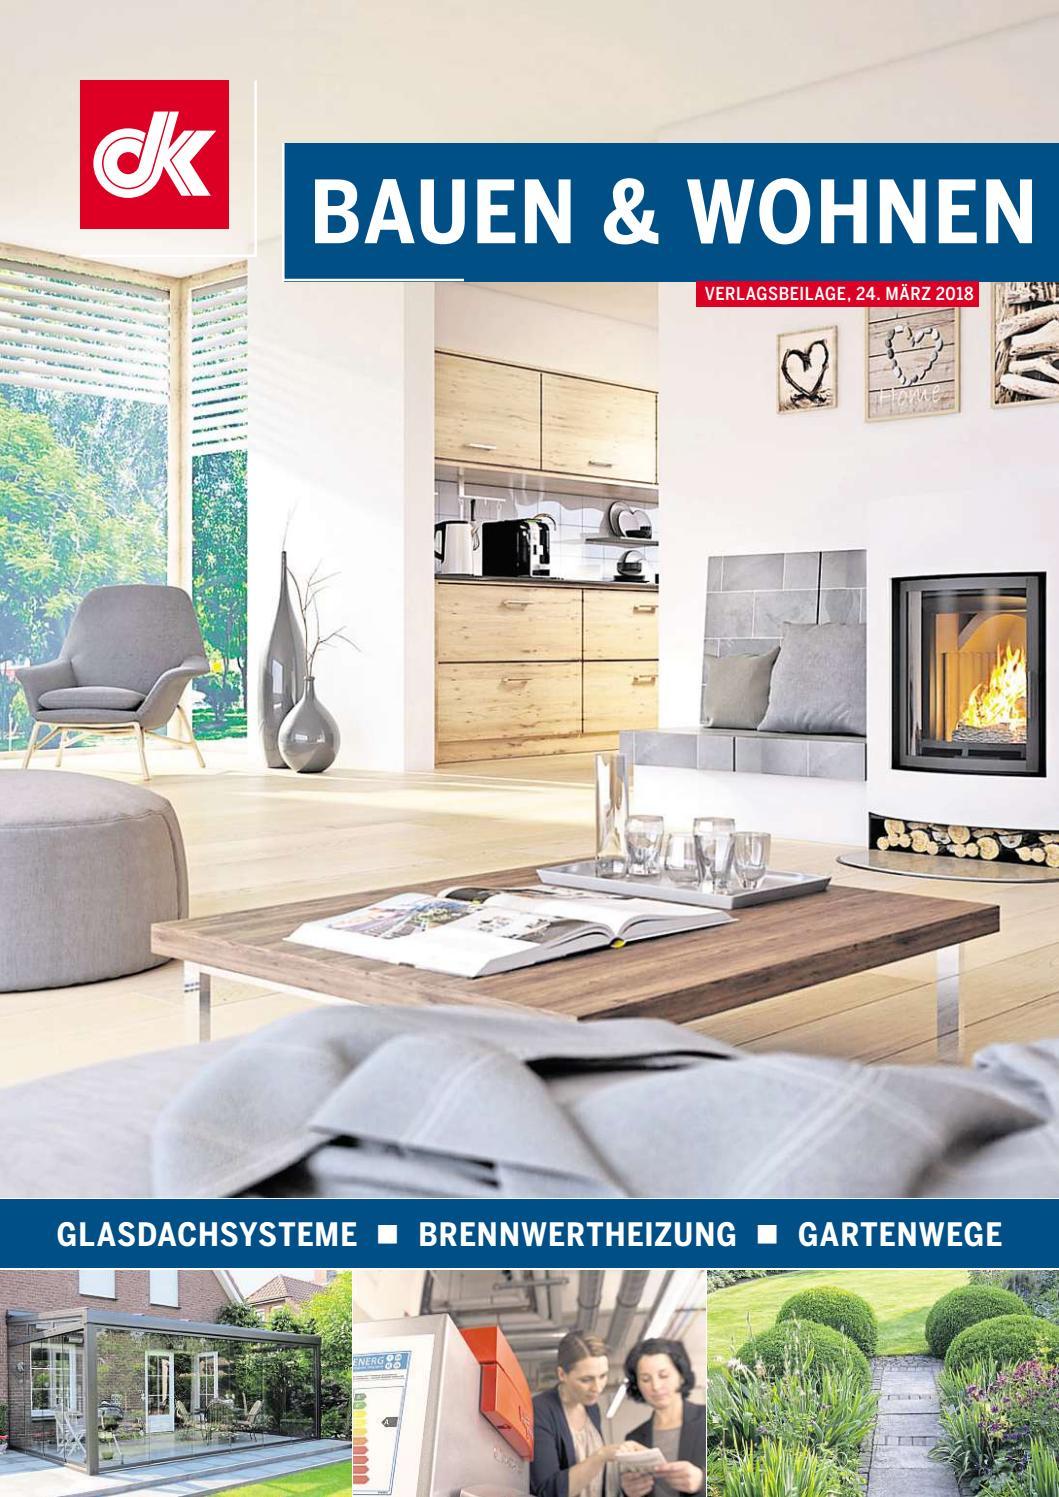 Bauen Und Wohnen 03/2018   Delmenhorster Kreisblatt By Neue Osnabruecker  Zeitung   Issuu